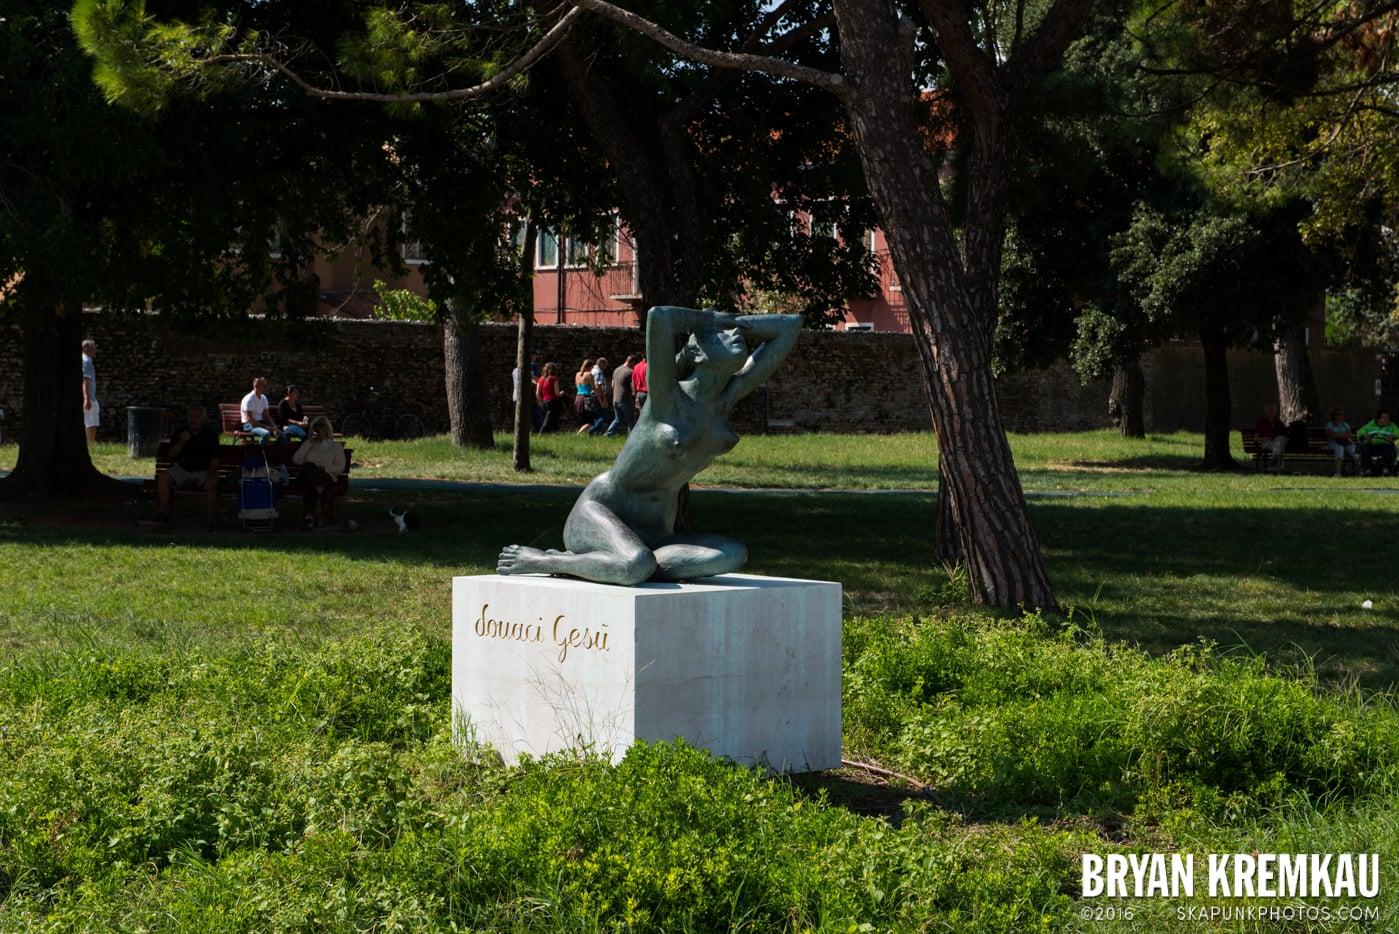 Italy Vacation - Day 6: Murano, Burano, Venice - 9.14.13 (72)